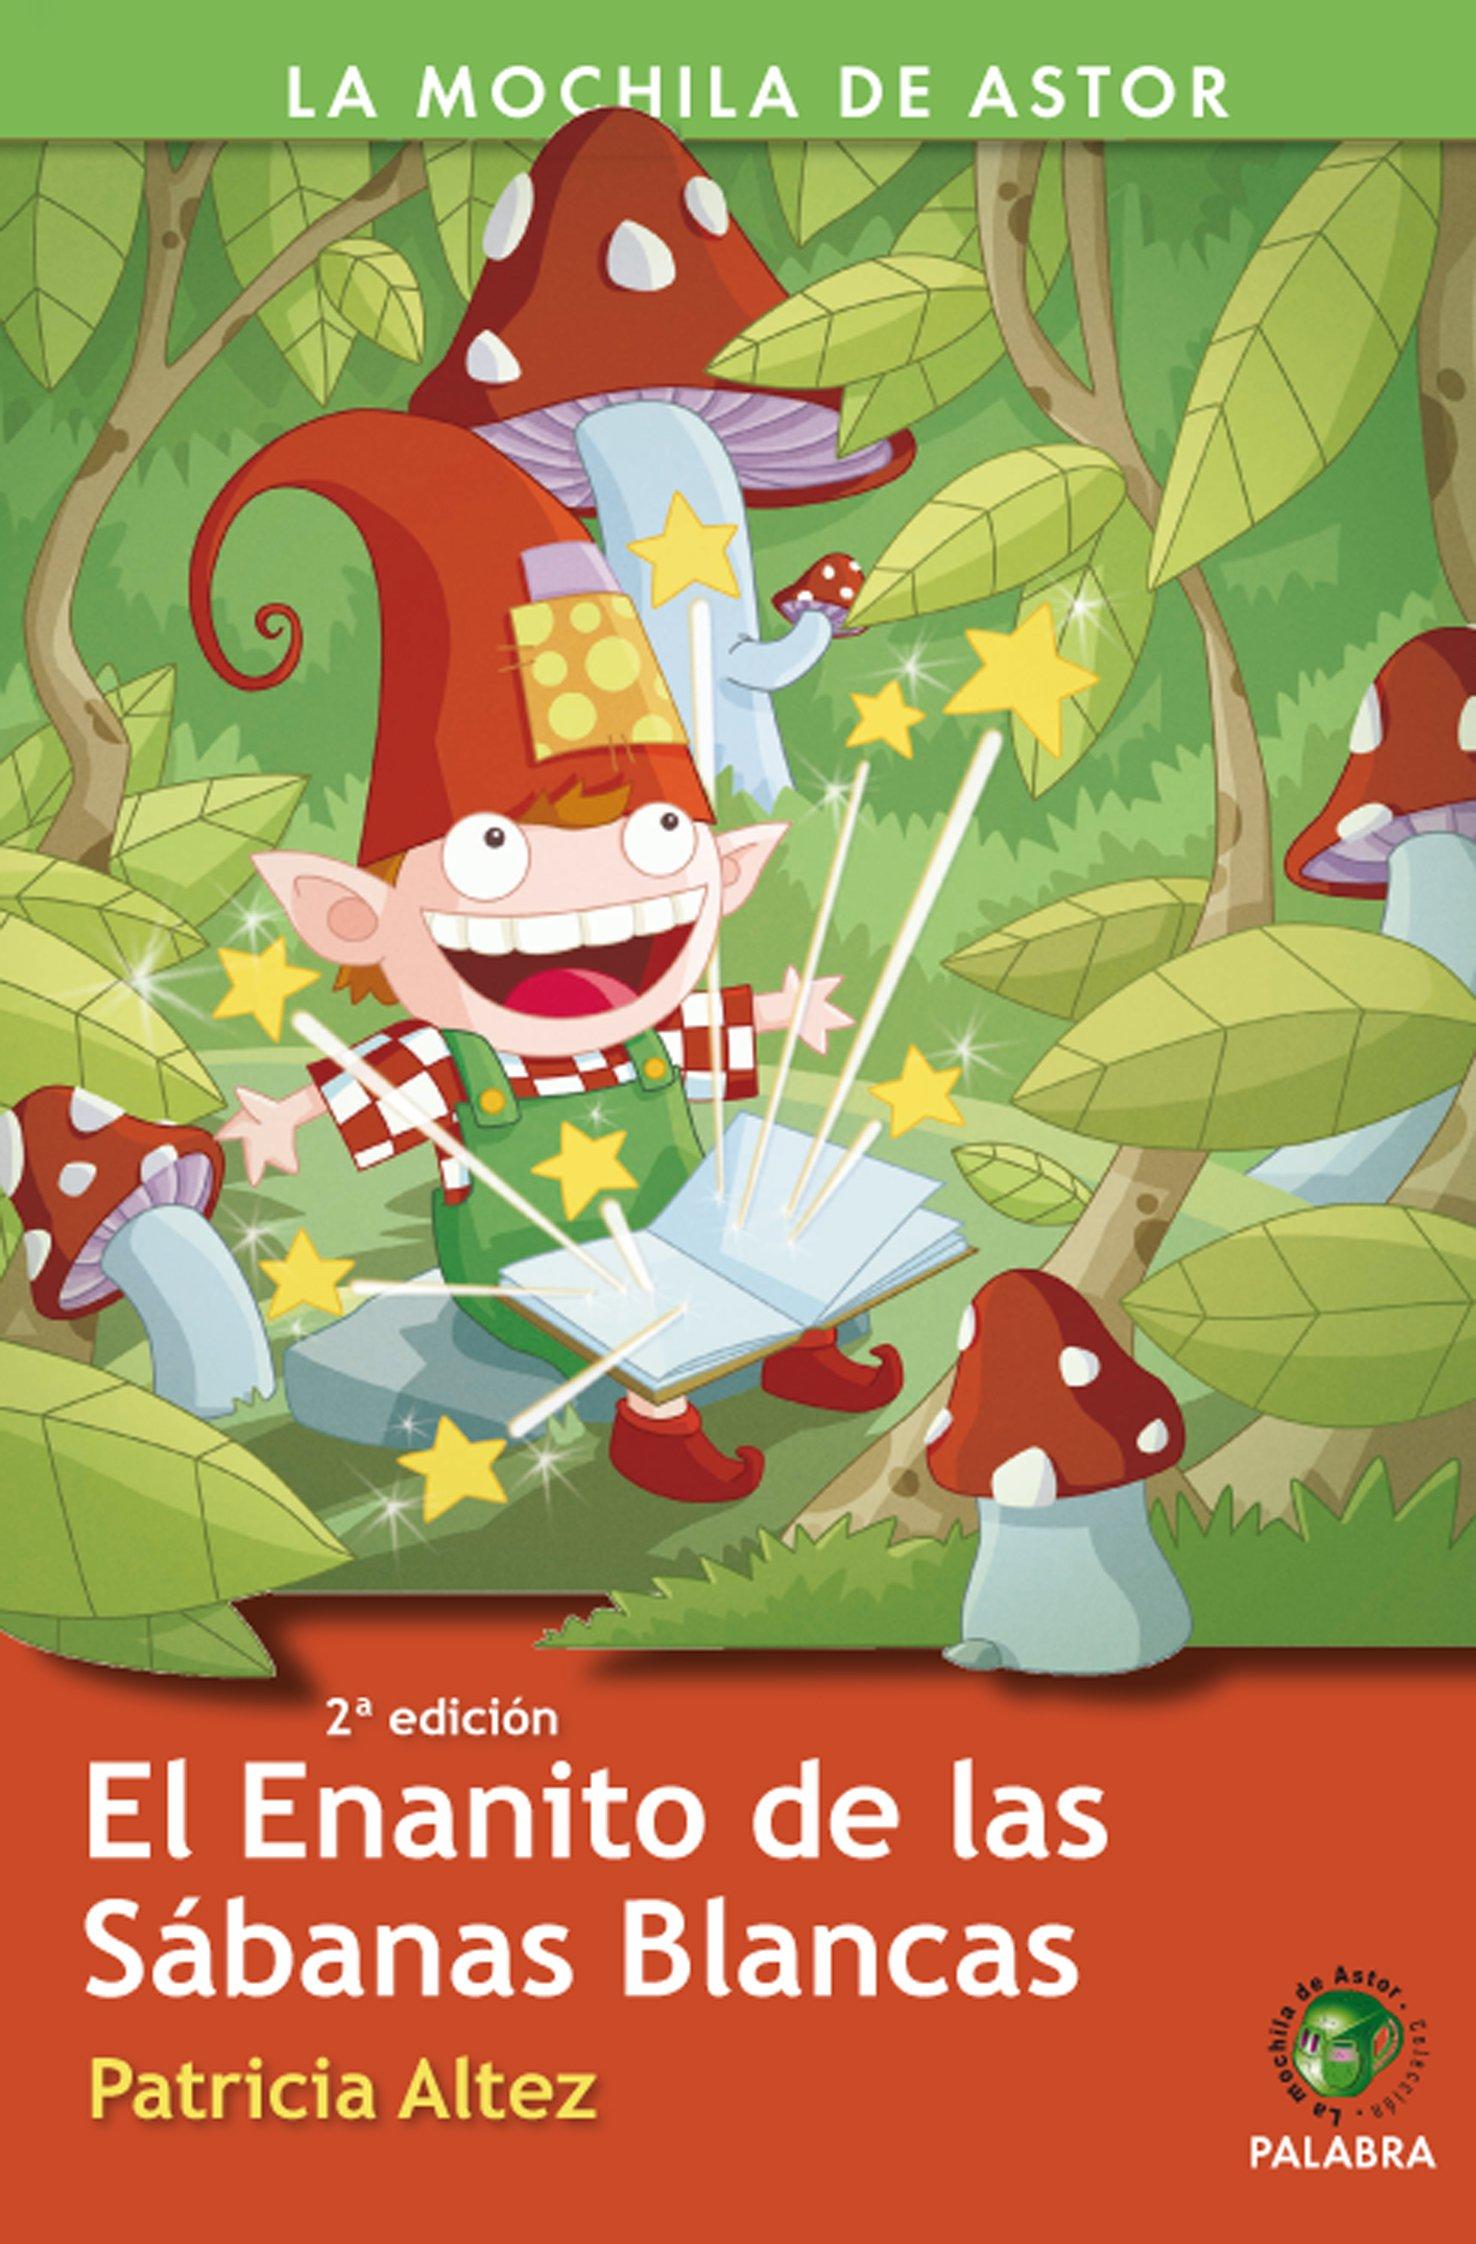 El enanito de las Sábanas Blancas (Spanish) Paperback – April 1, 2008